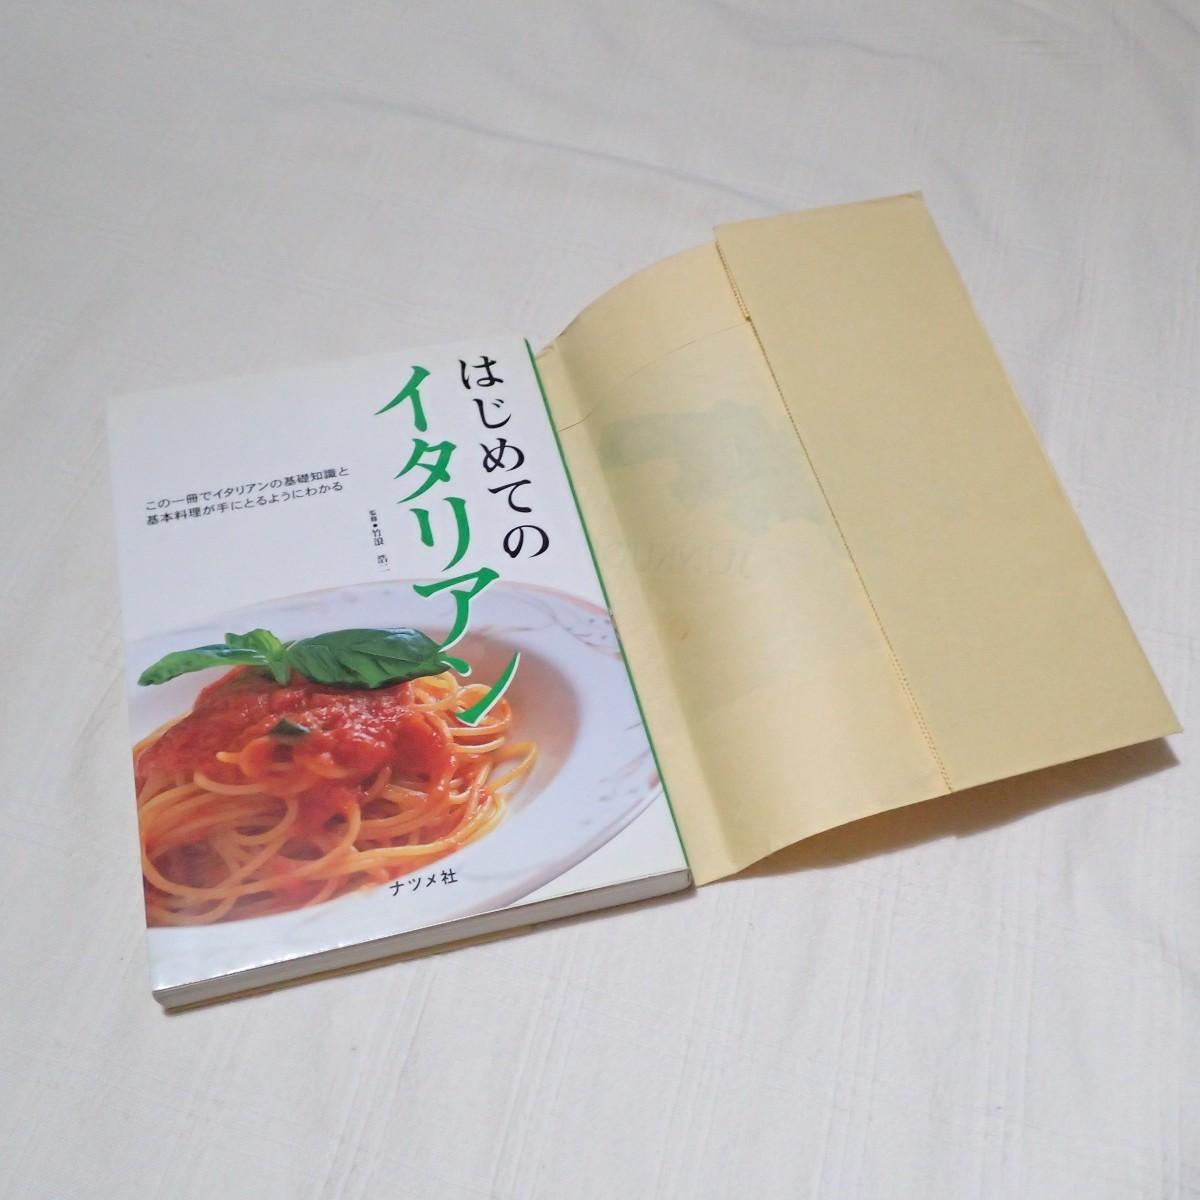 はじめてのイタリアン 料理本 レシピ本